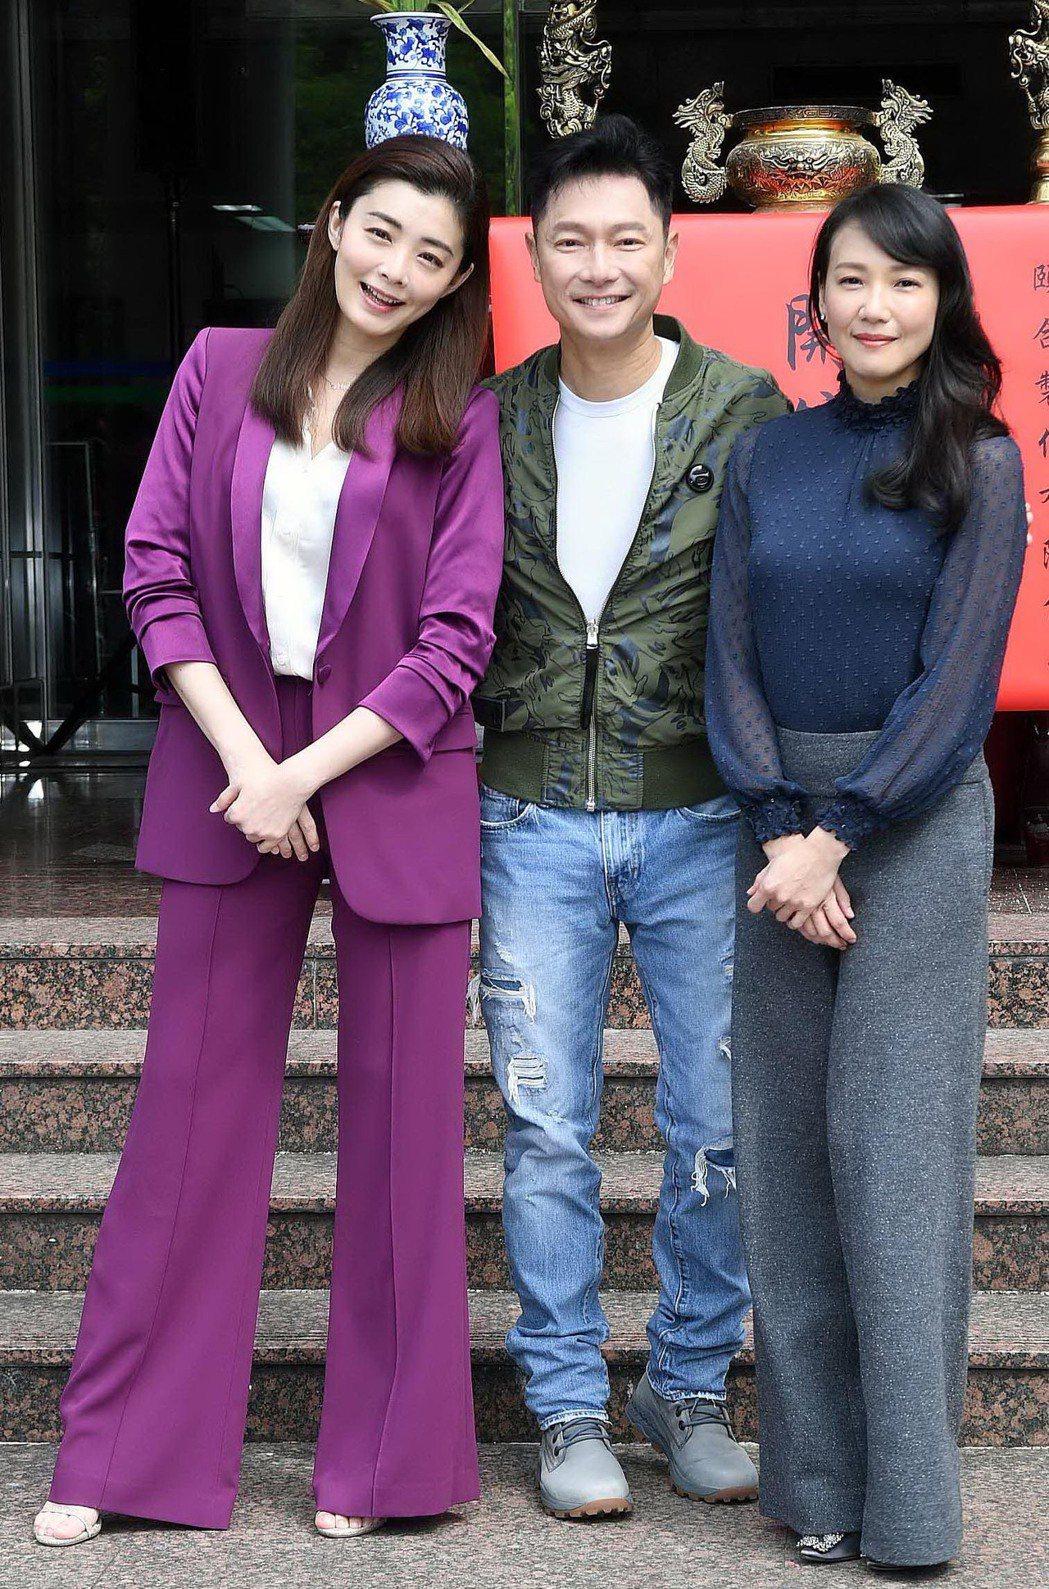 張本渝(右起)、謝祖武、夏如芝在「婚姻結業式」中將有一段感情糾葛。圖/華視提供